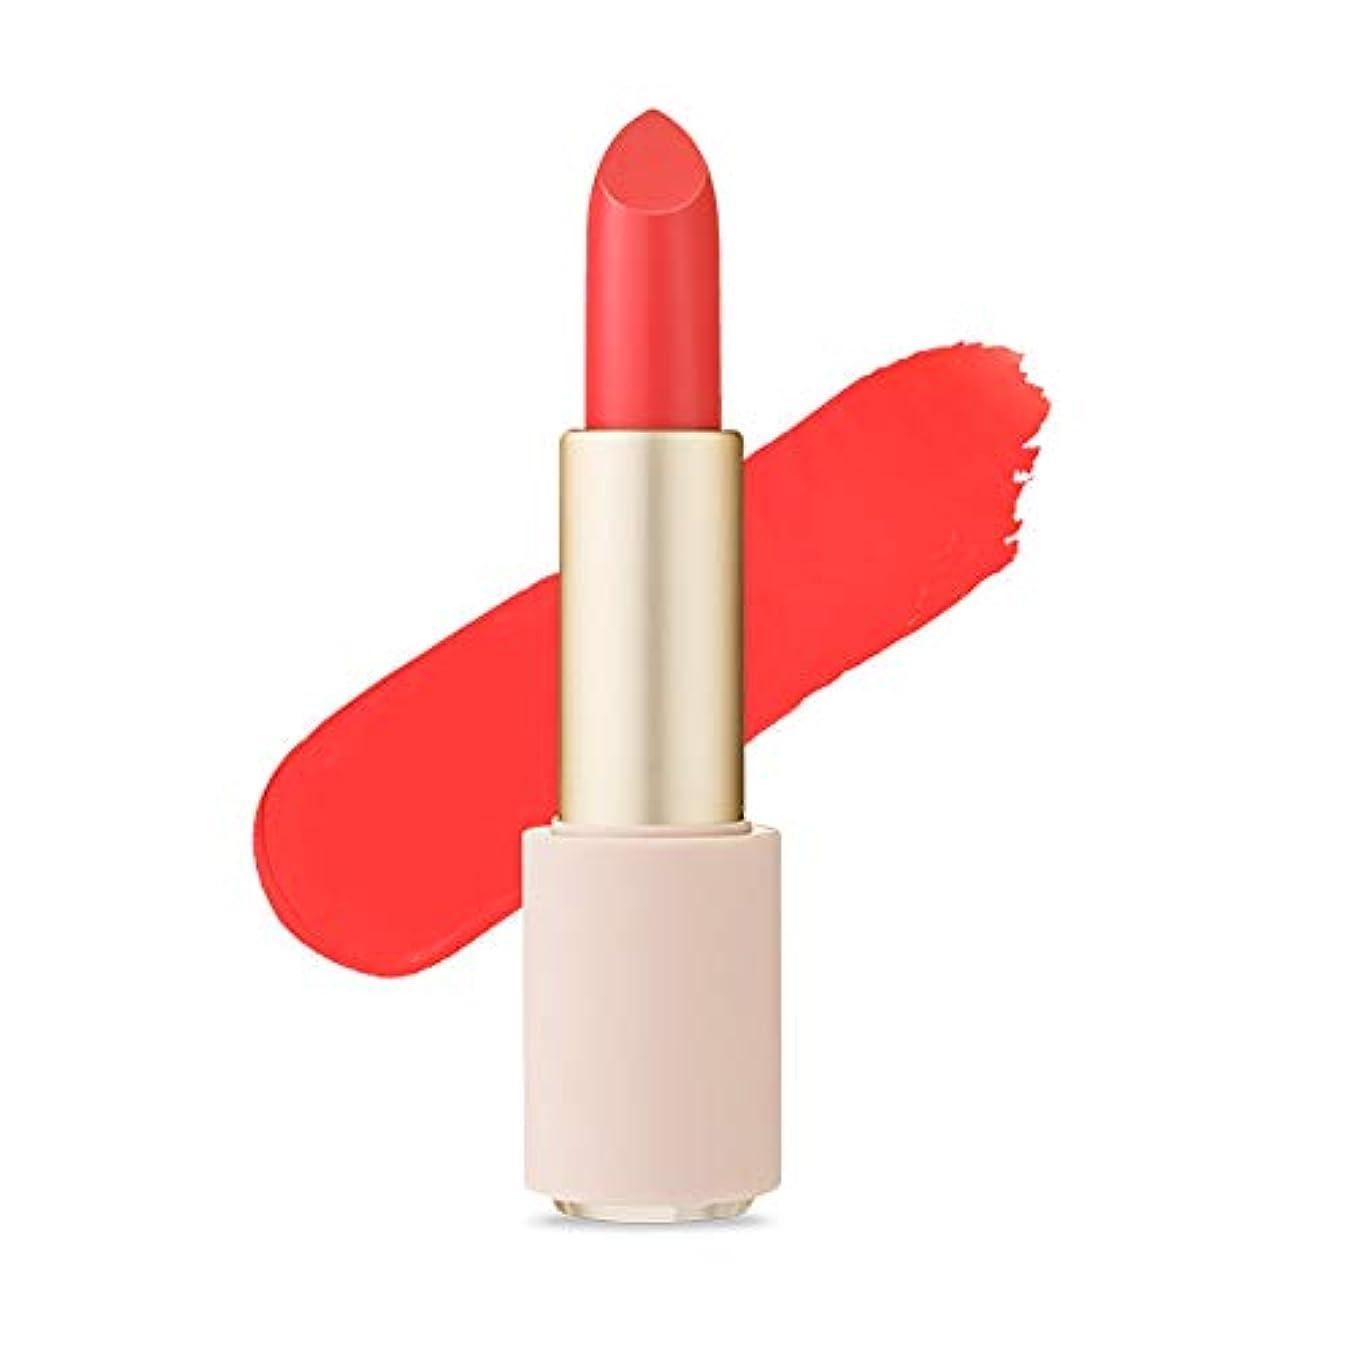 説教ベット法王Etude House Better Lips Talk Velvet エチュードハウス ベター リップス - トーク ベルベット (# OR205 Peach On Top) [並行輸入品]